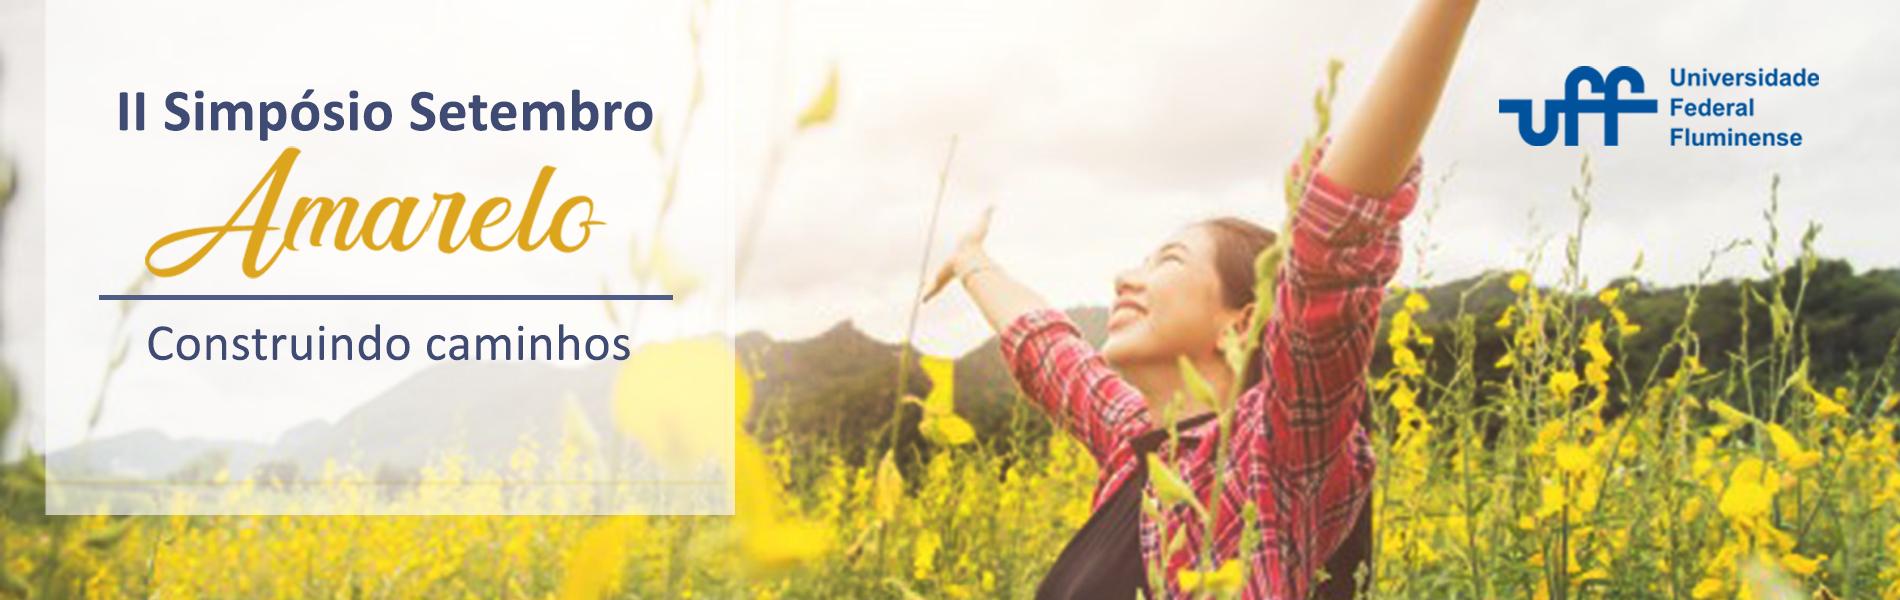 Mulher de braços abertos em campo florido com o seguinte texto: Segundo simpósio setembro amarelo: construindo caminhos.